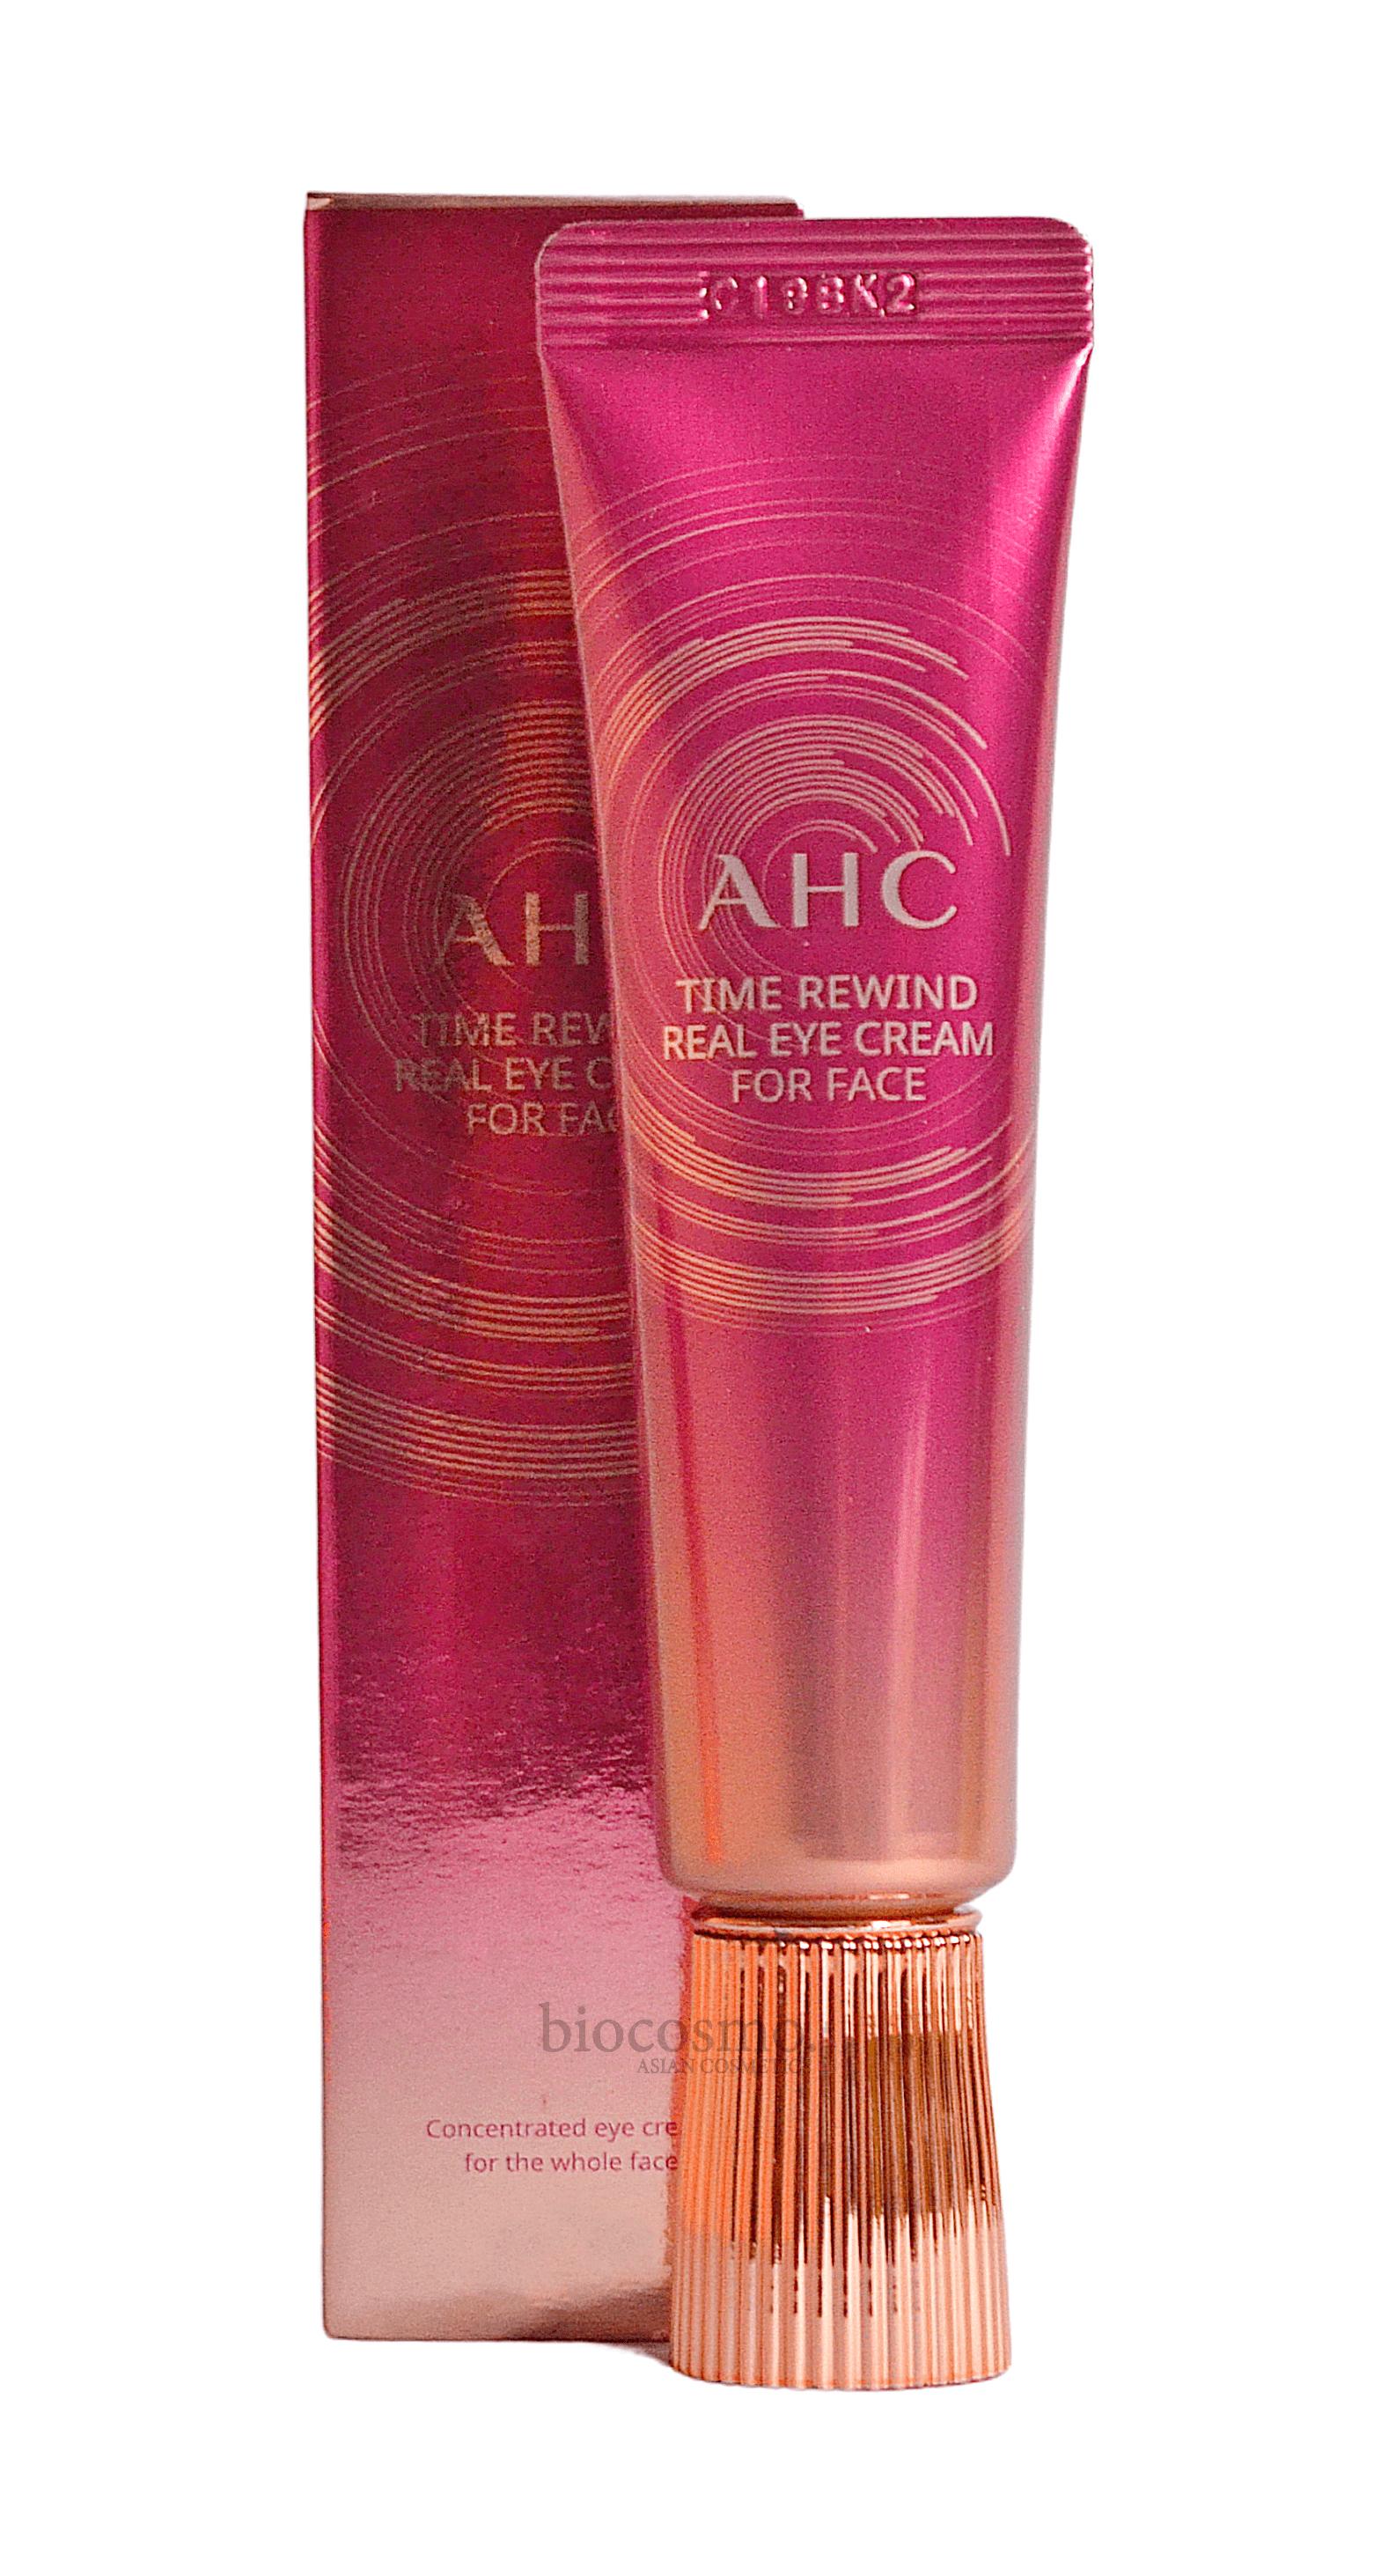 Антивозрастной крем для кожи вокруг глаз с пептидами AHC Time Rewind Real Eye Cream For Face - 30 мл